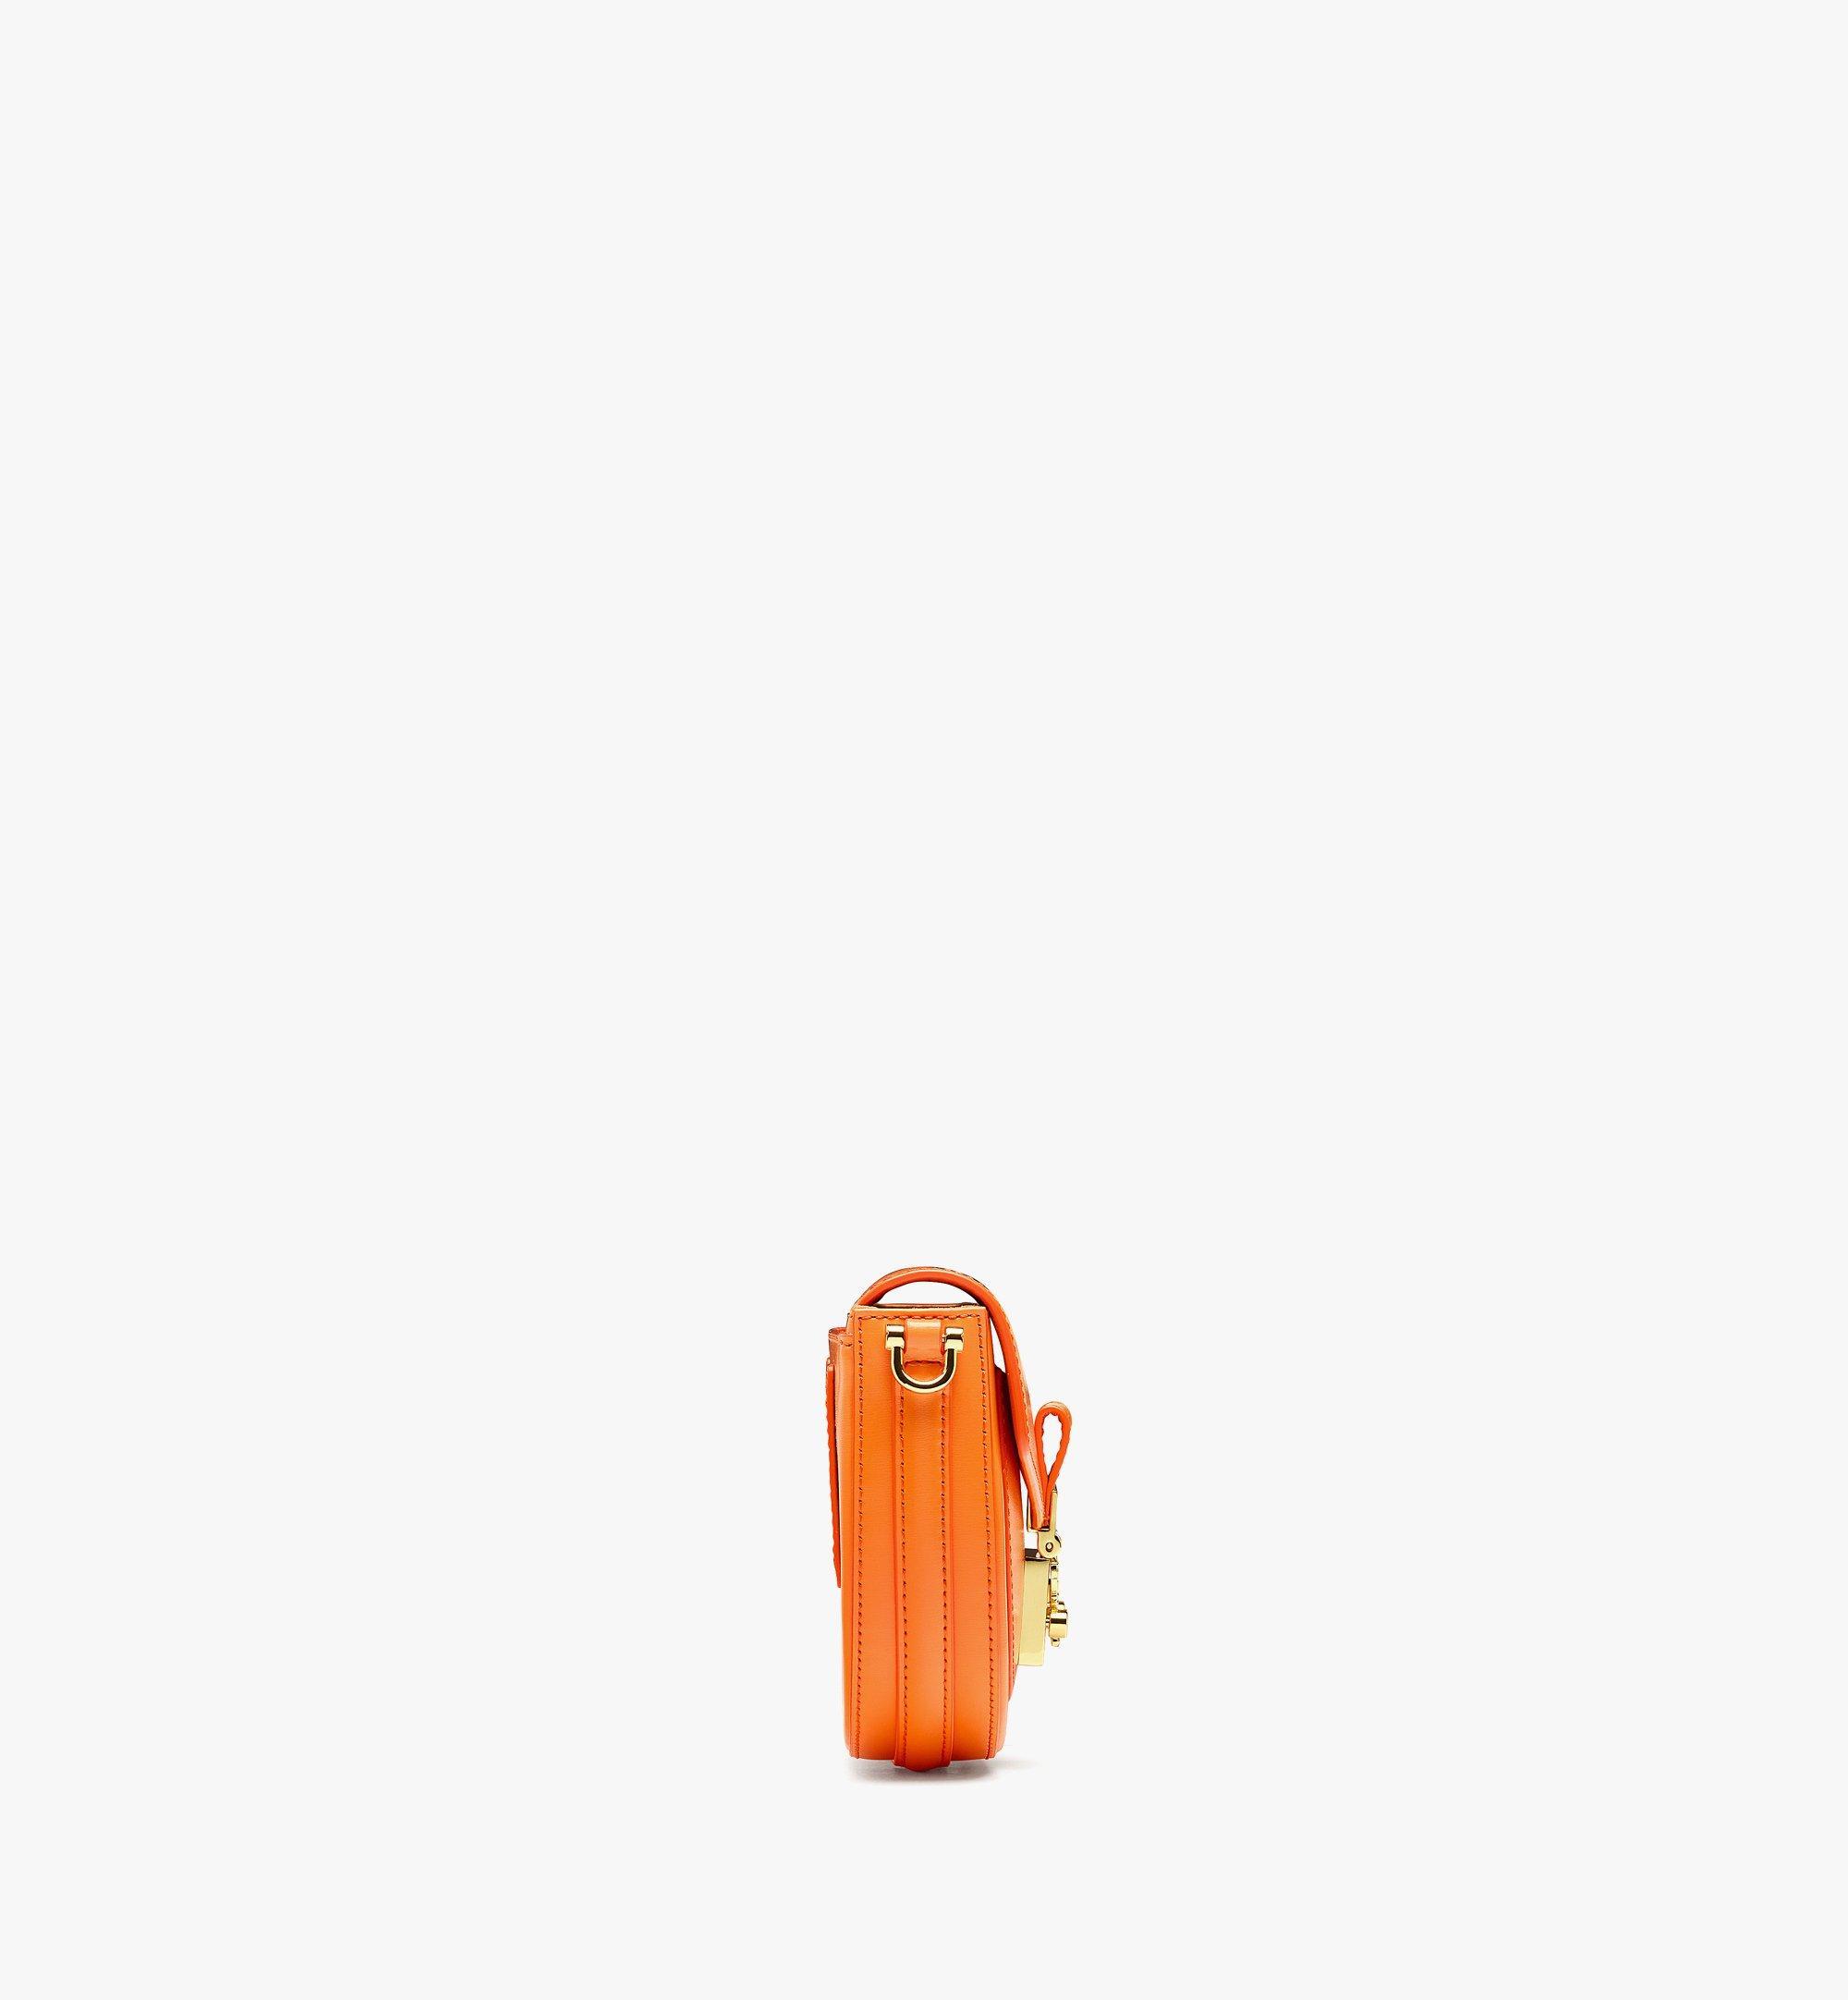 MCM PatriciaCrossbody-Tasche aus geprägtem spanischen Leder Orange MWRBAPA01O9001 Noch mehr sehen 1